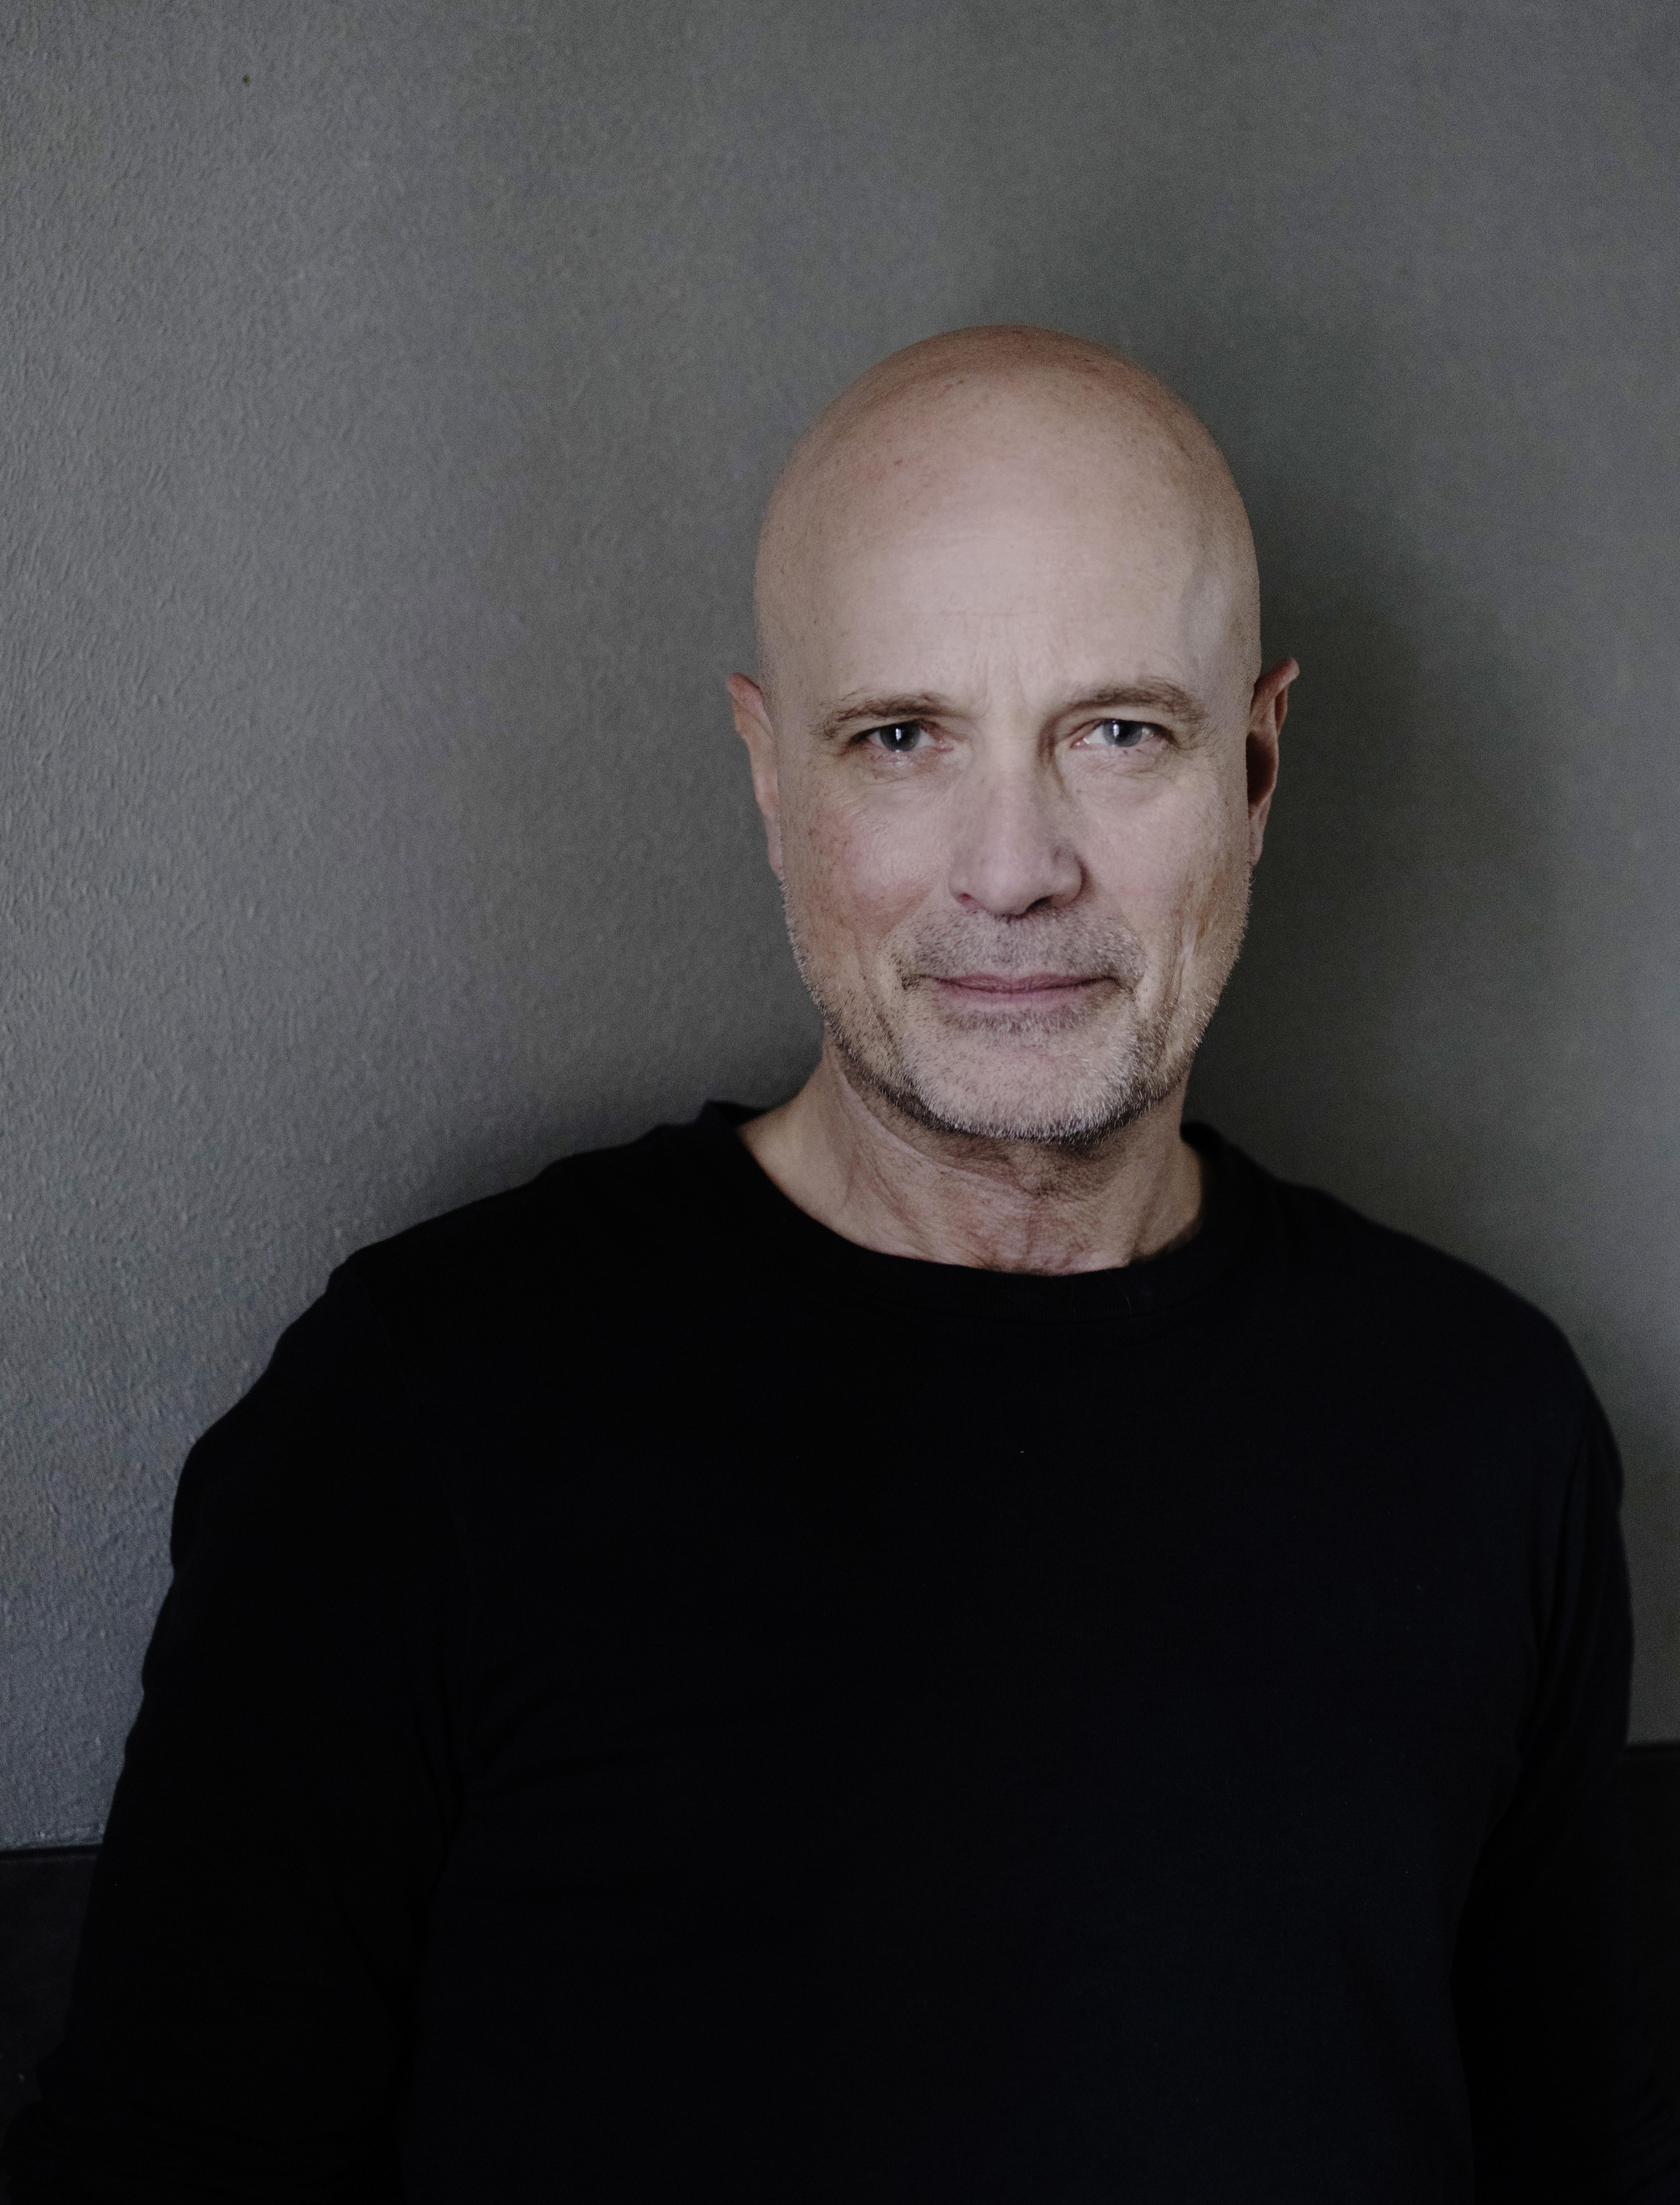 Gerald von Foris -Christian Berkel